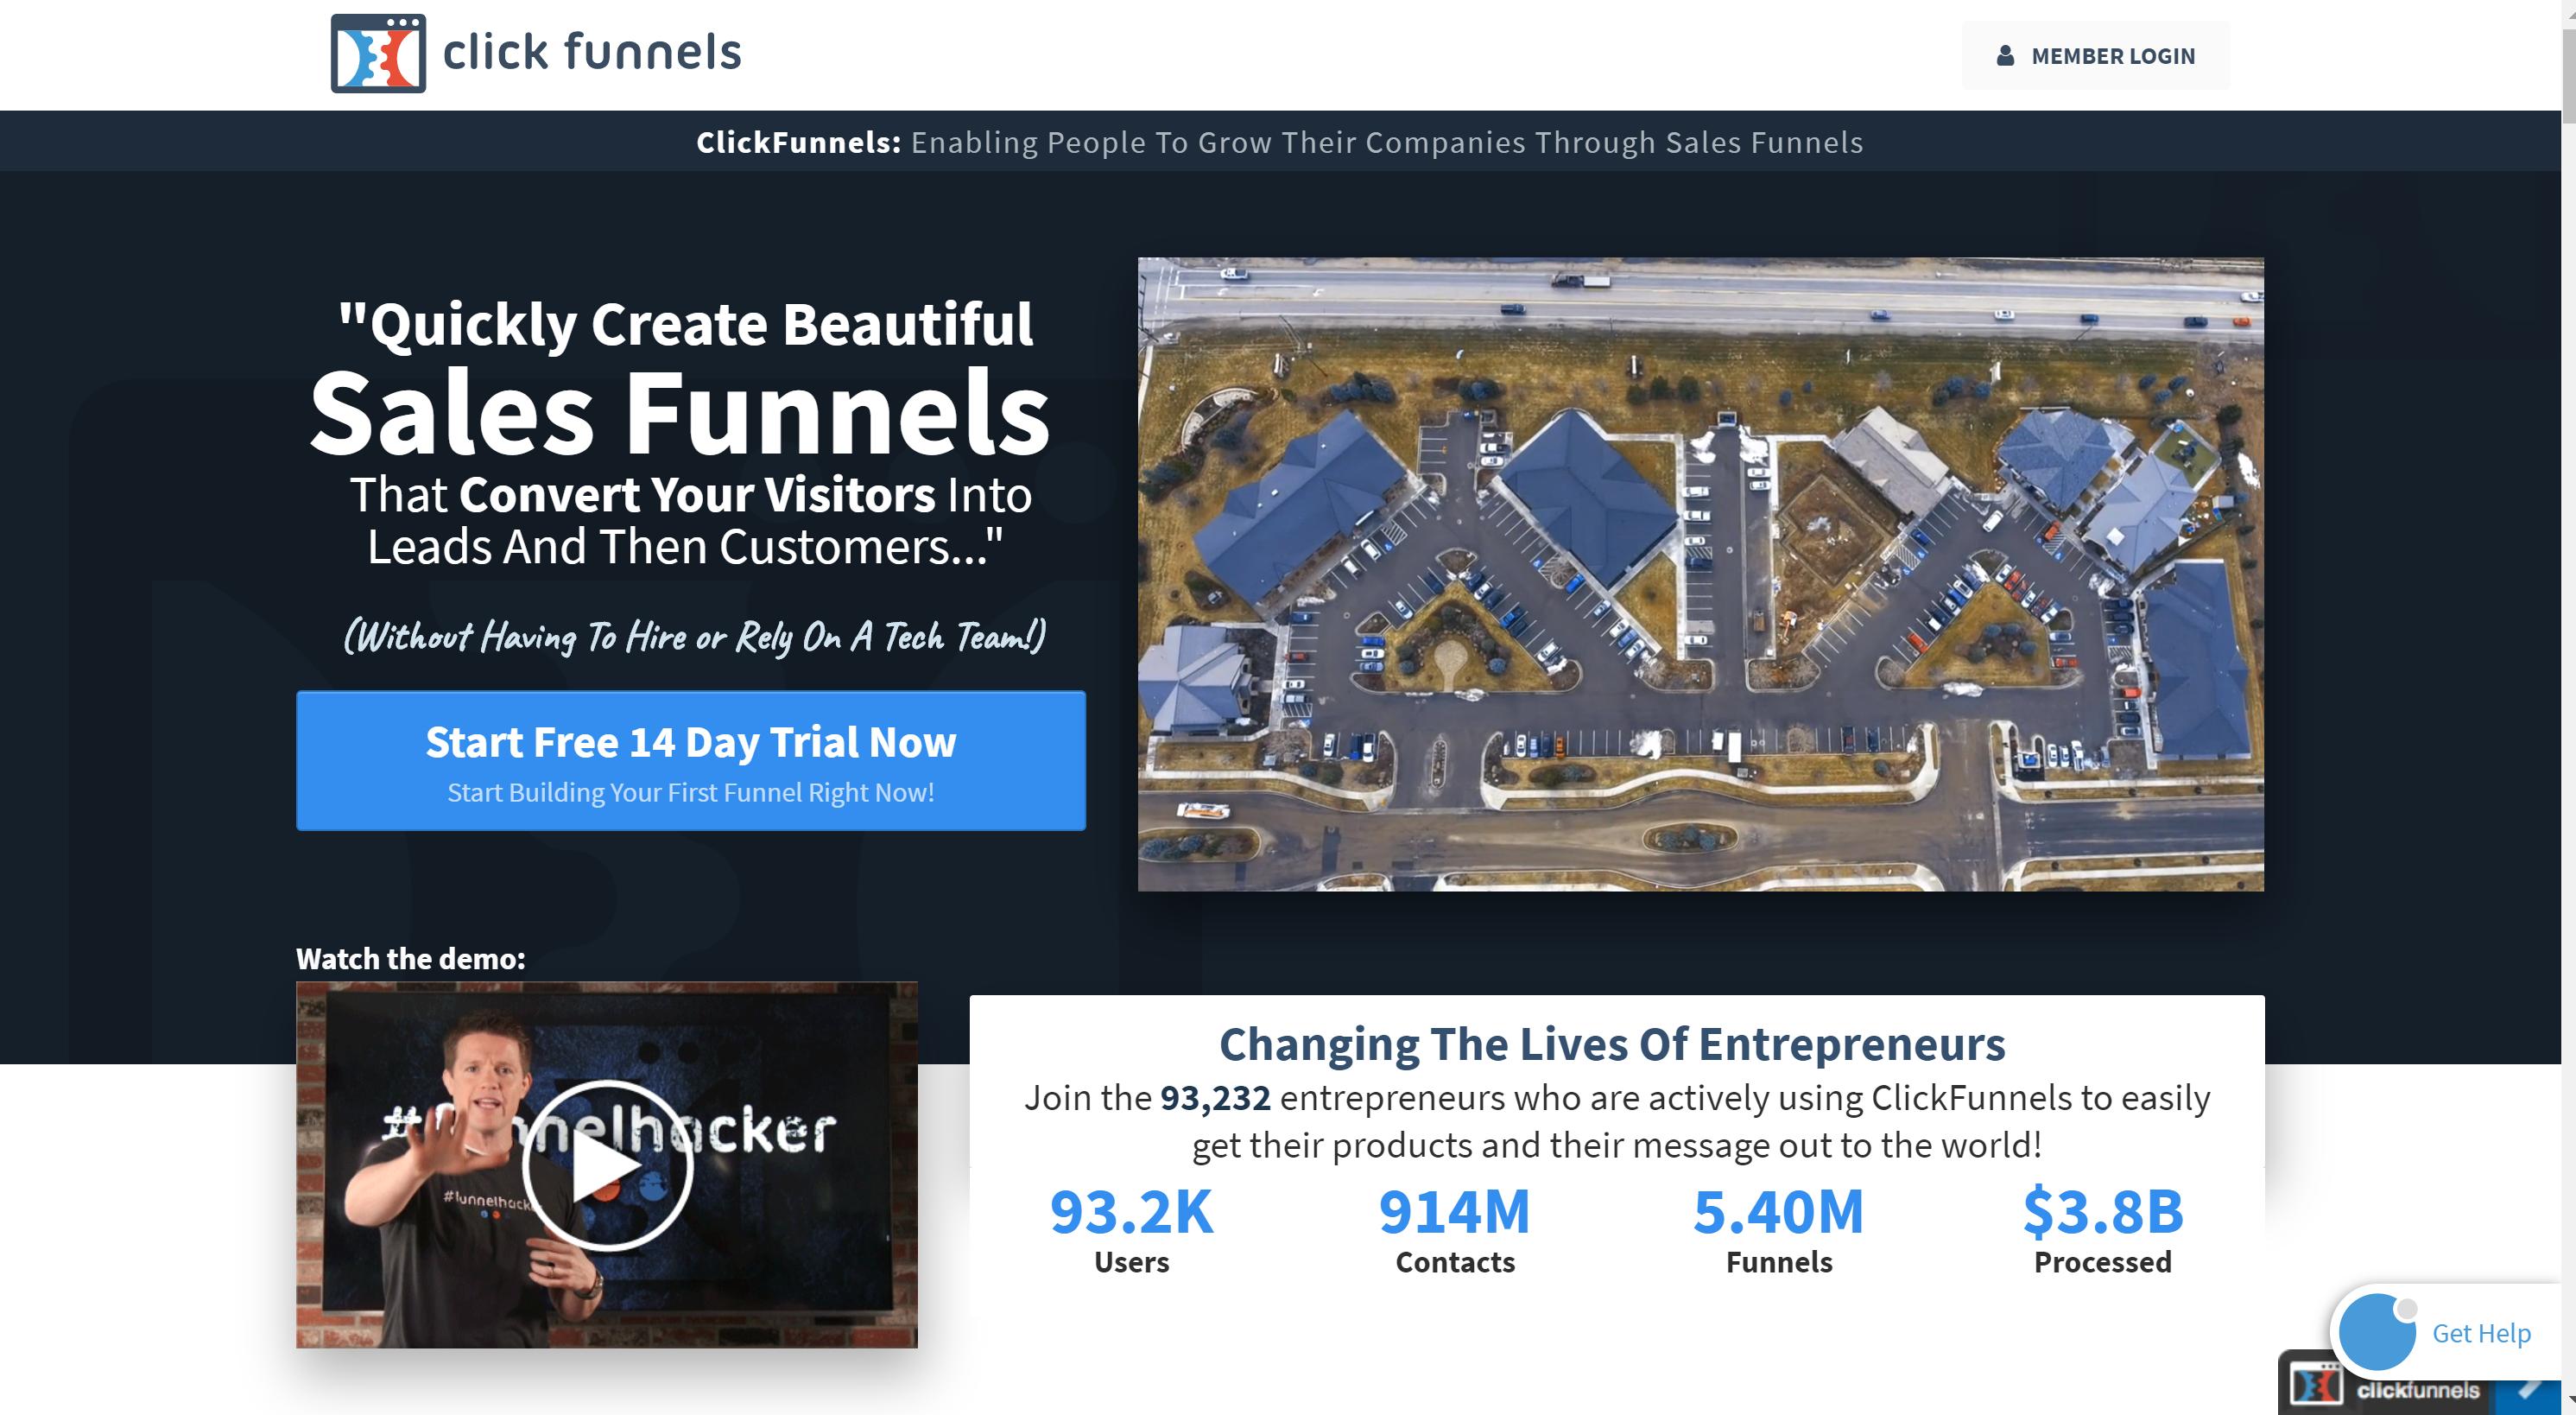 ClickFunnels Overview- engagebay vs clickfunnels